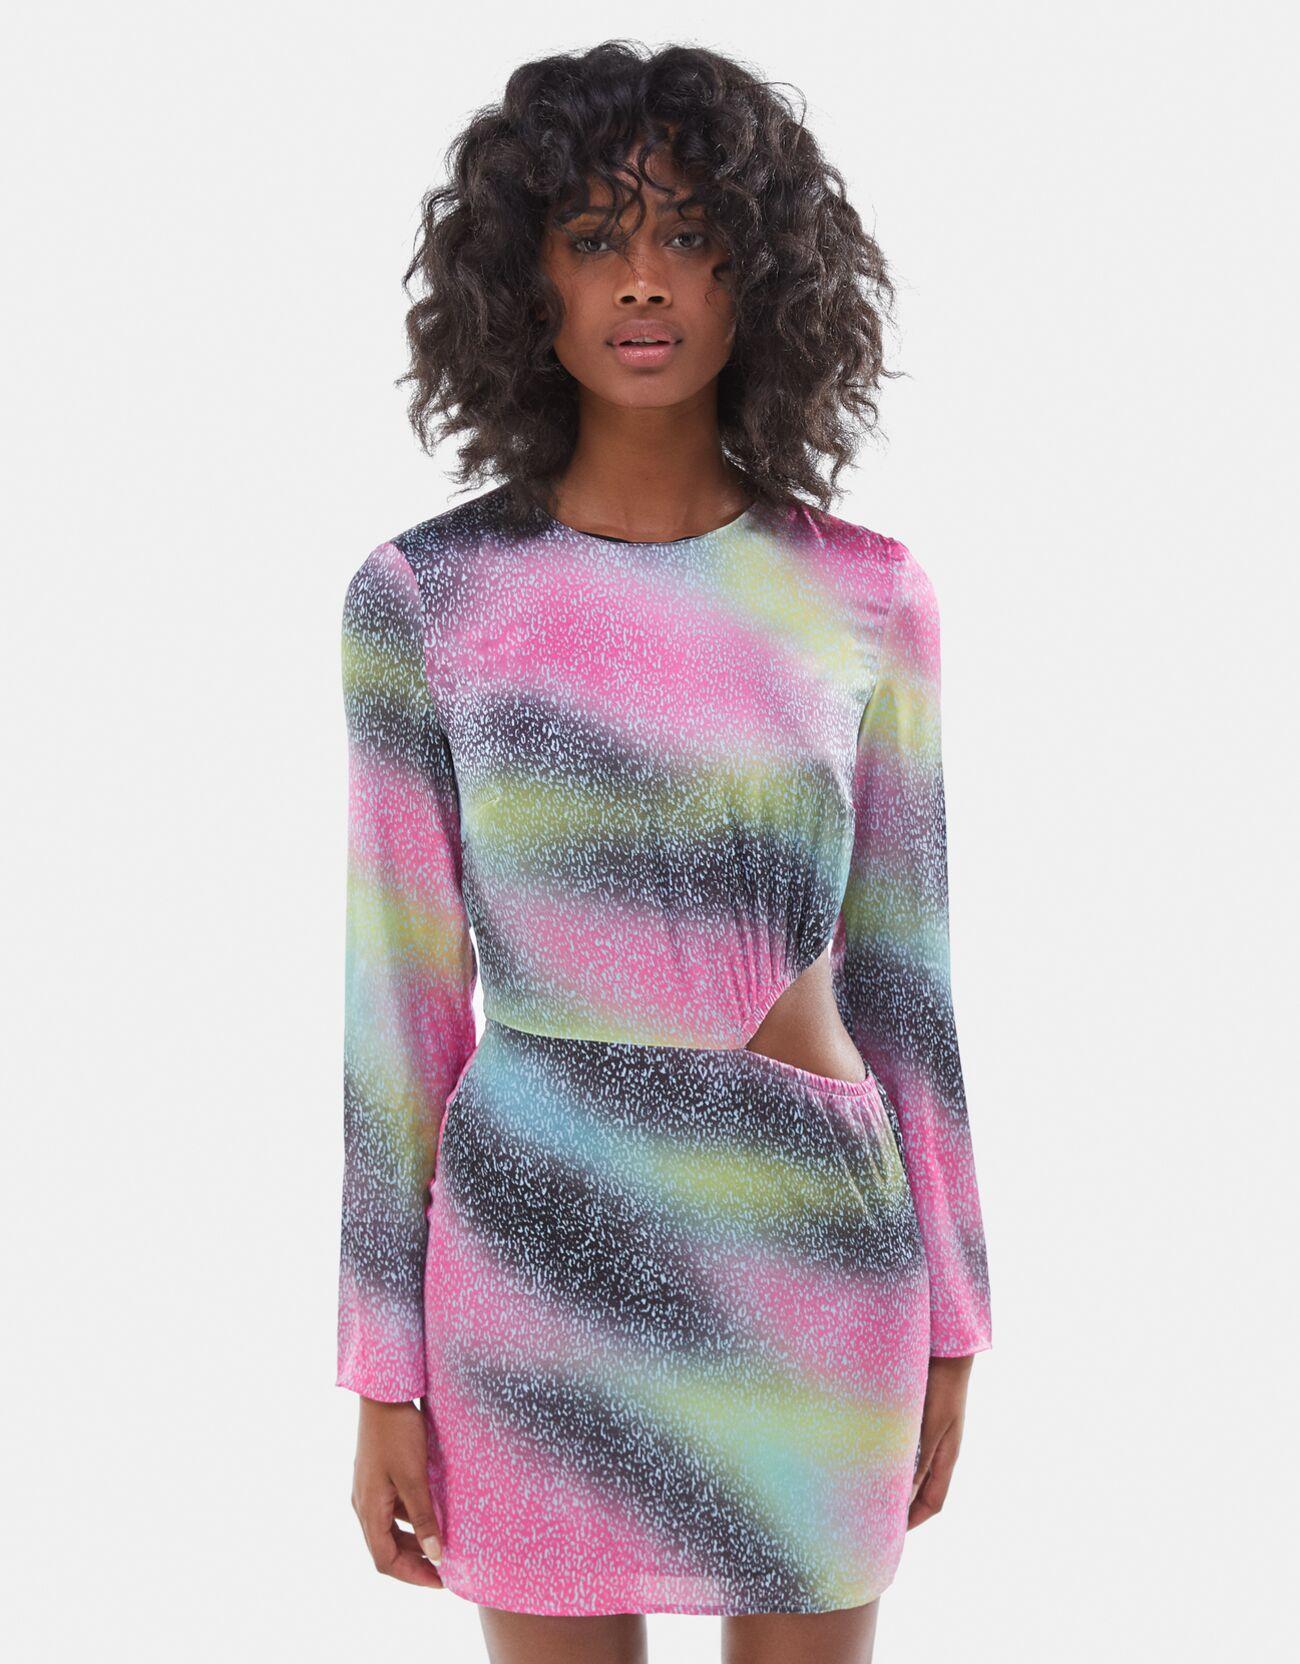 bershka -  Kleid In Satinoptik Mit Print Und Cut-Outs Damen Xs Fuchsia